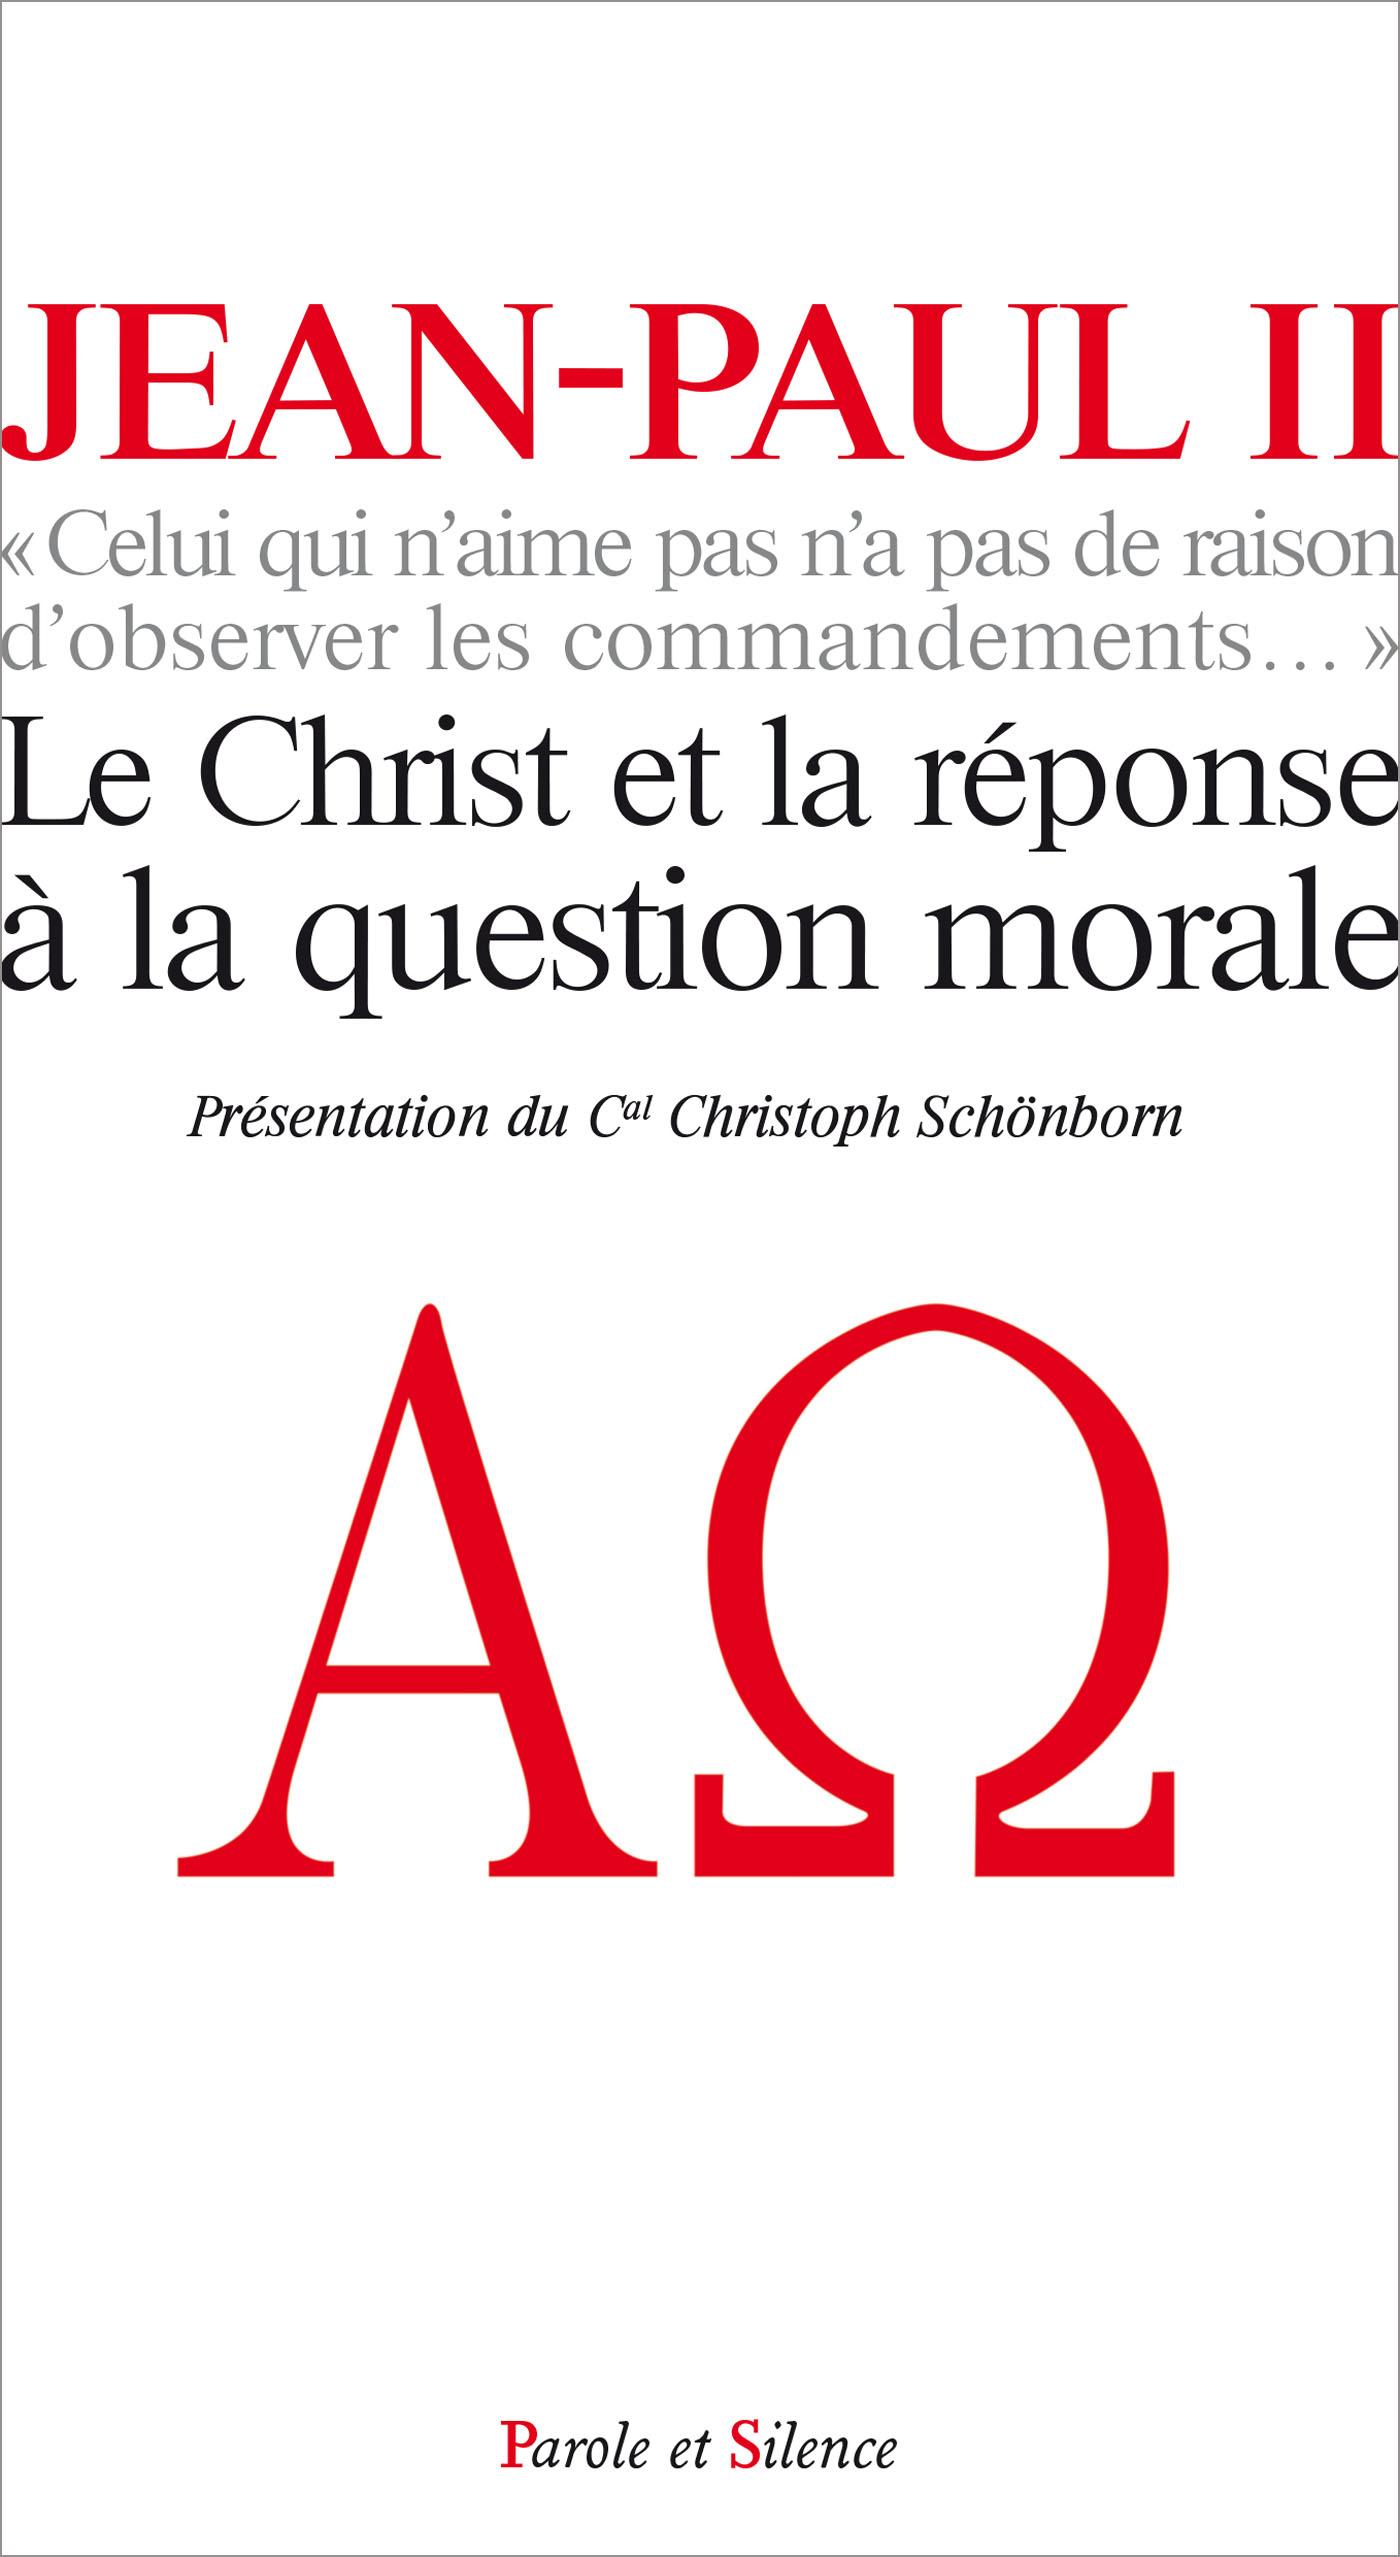 Le Christ et la réponse à la question morale